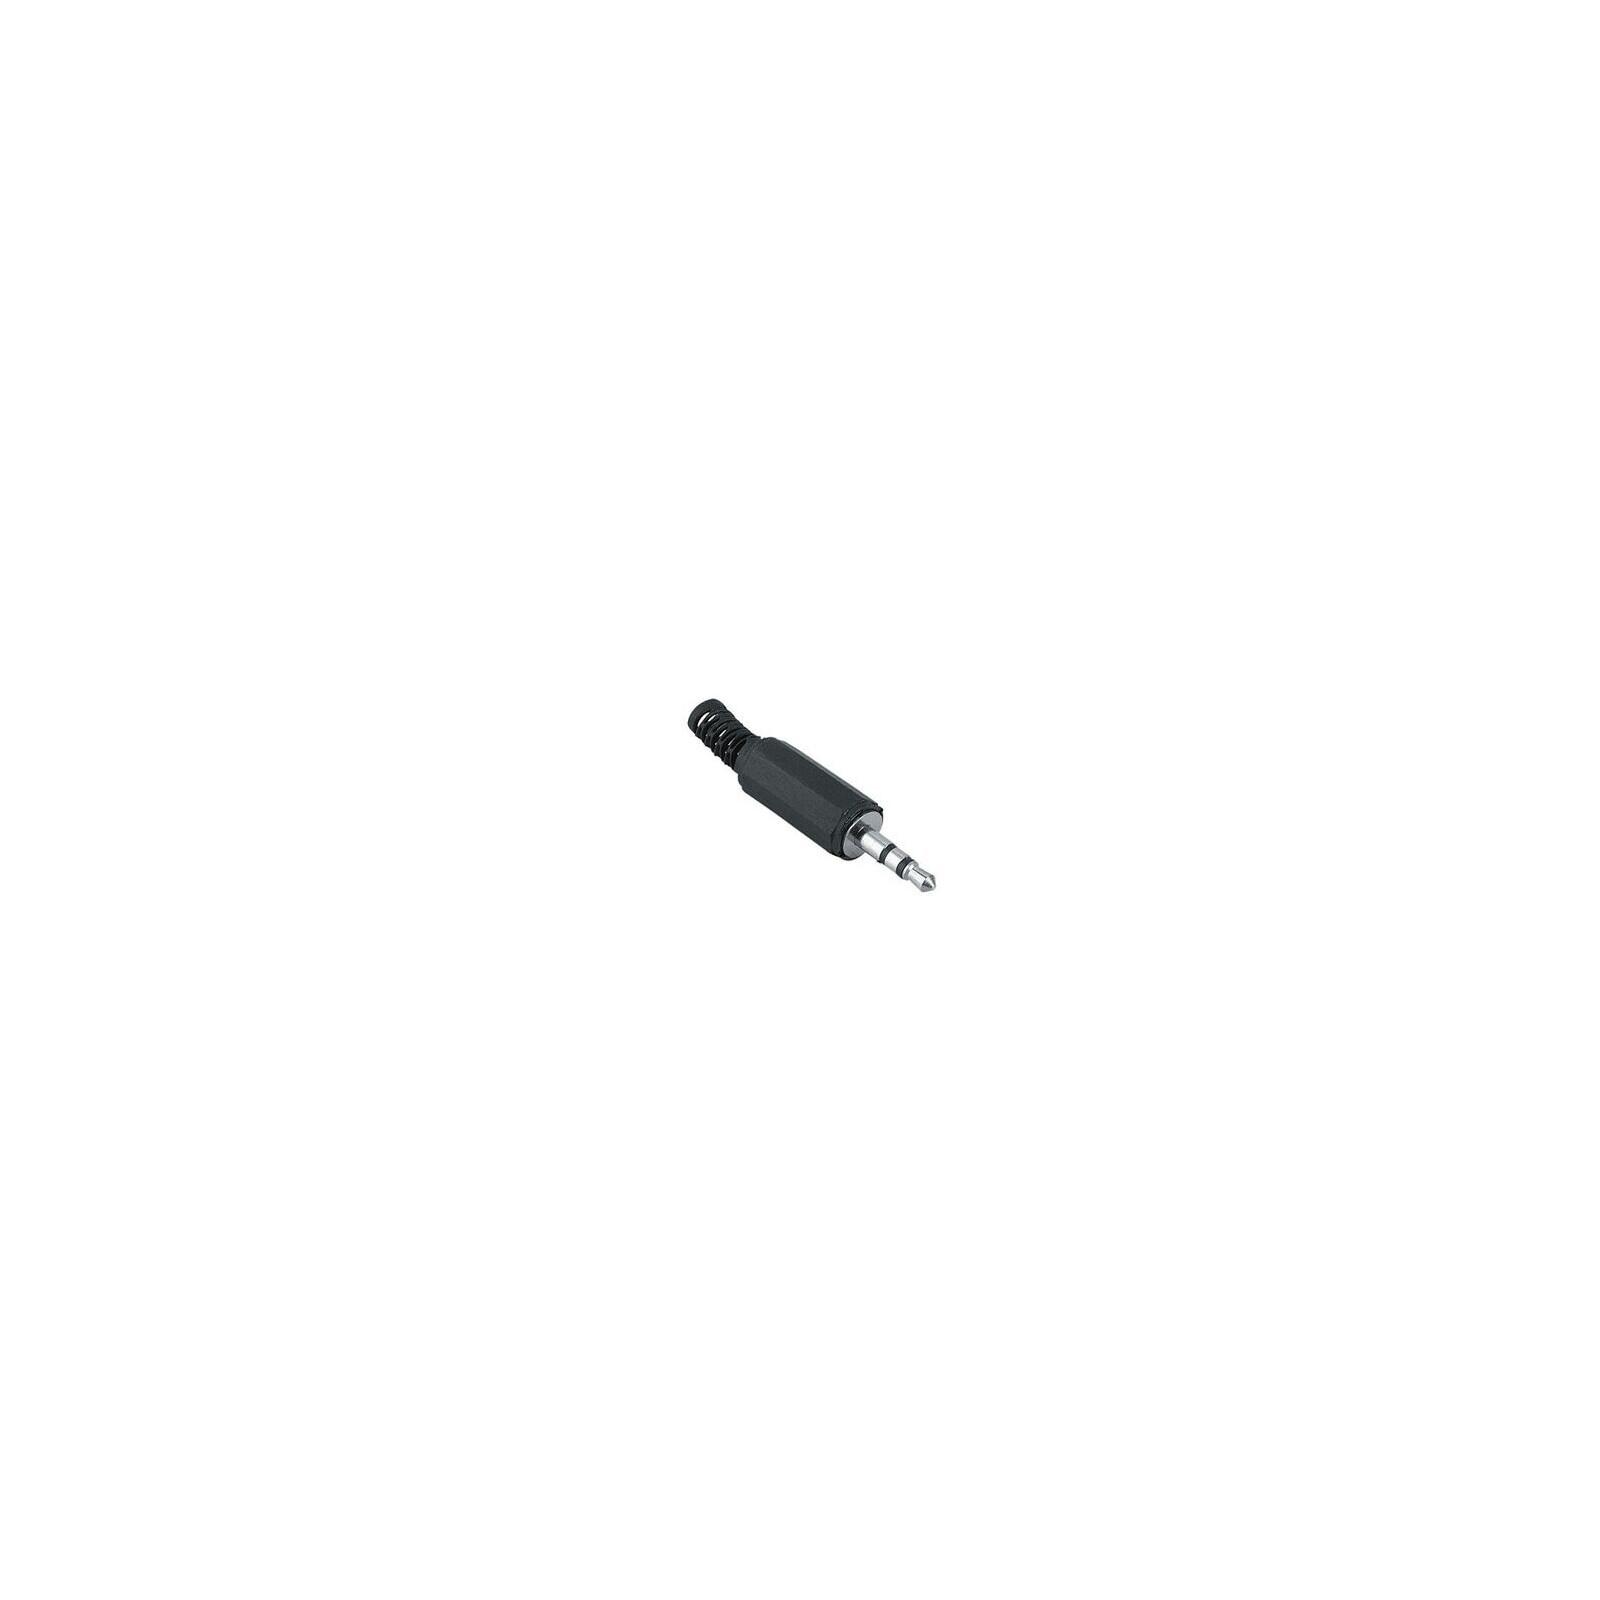 Hama 42824 3,5mm Klinkenstecker 3-pol. Stereo